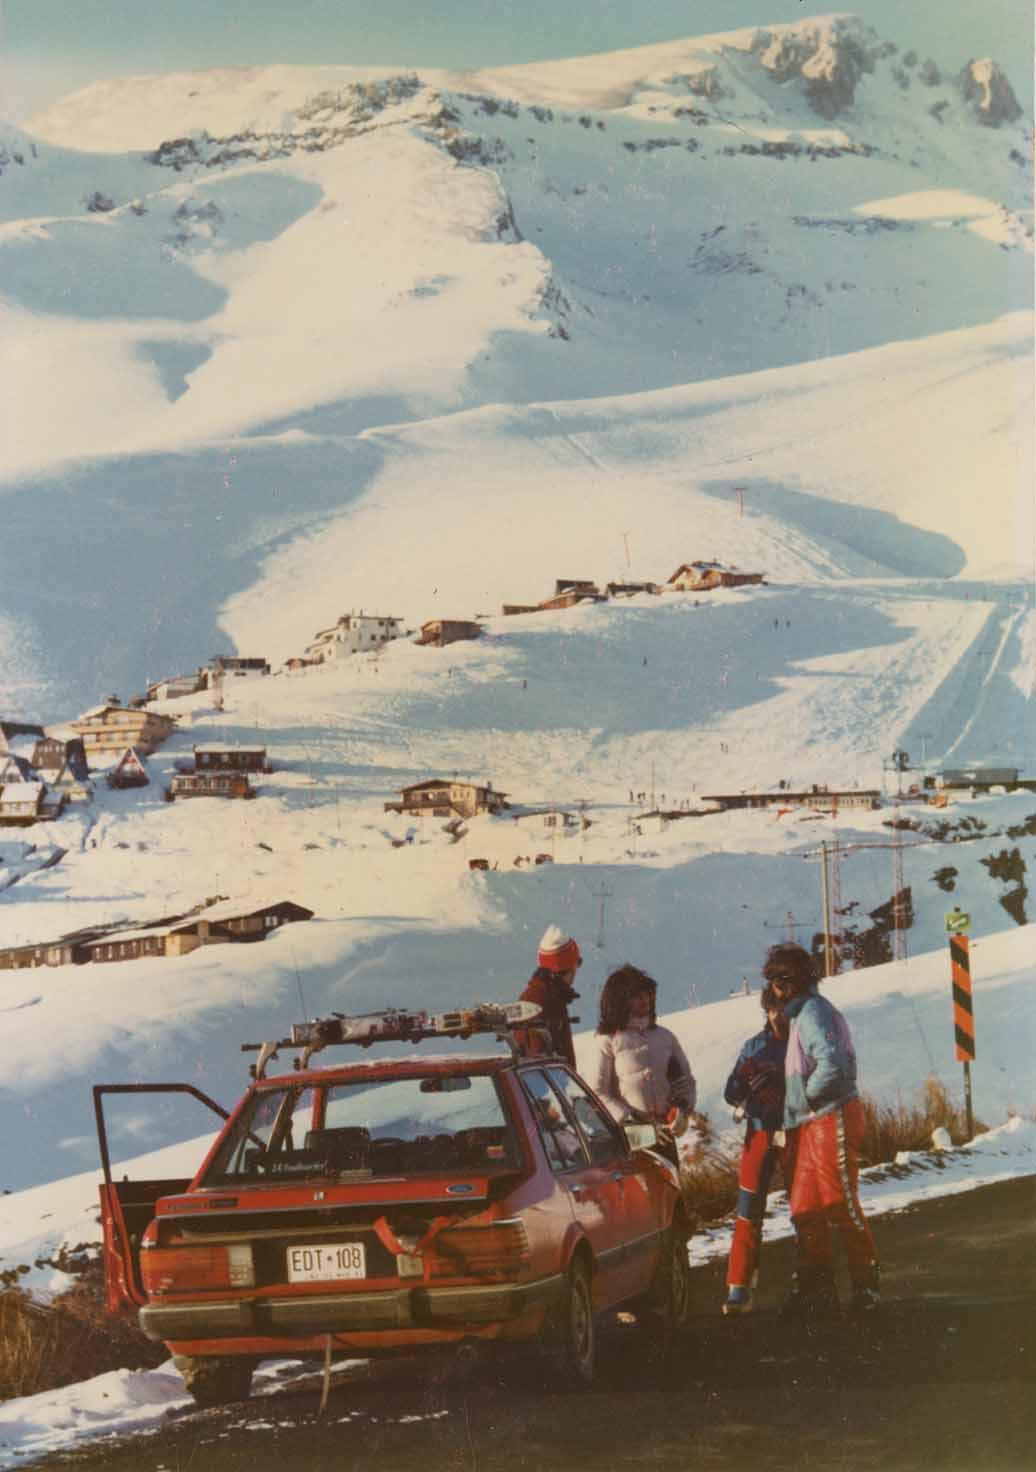 Enterreno - Fotos históricas de chile - fotos antiguas de Chile - La Parva en 1984